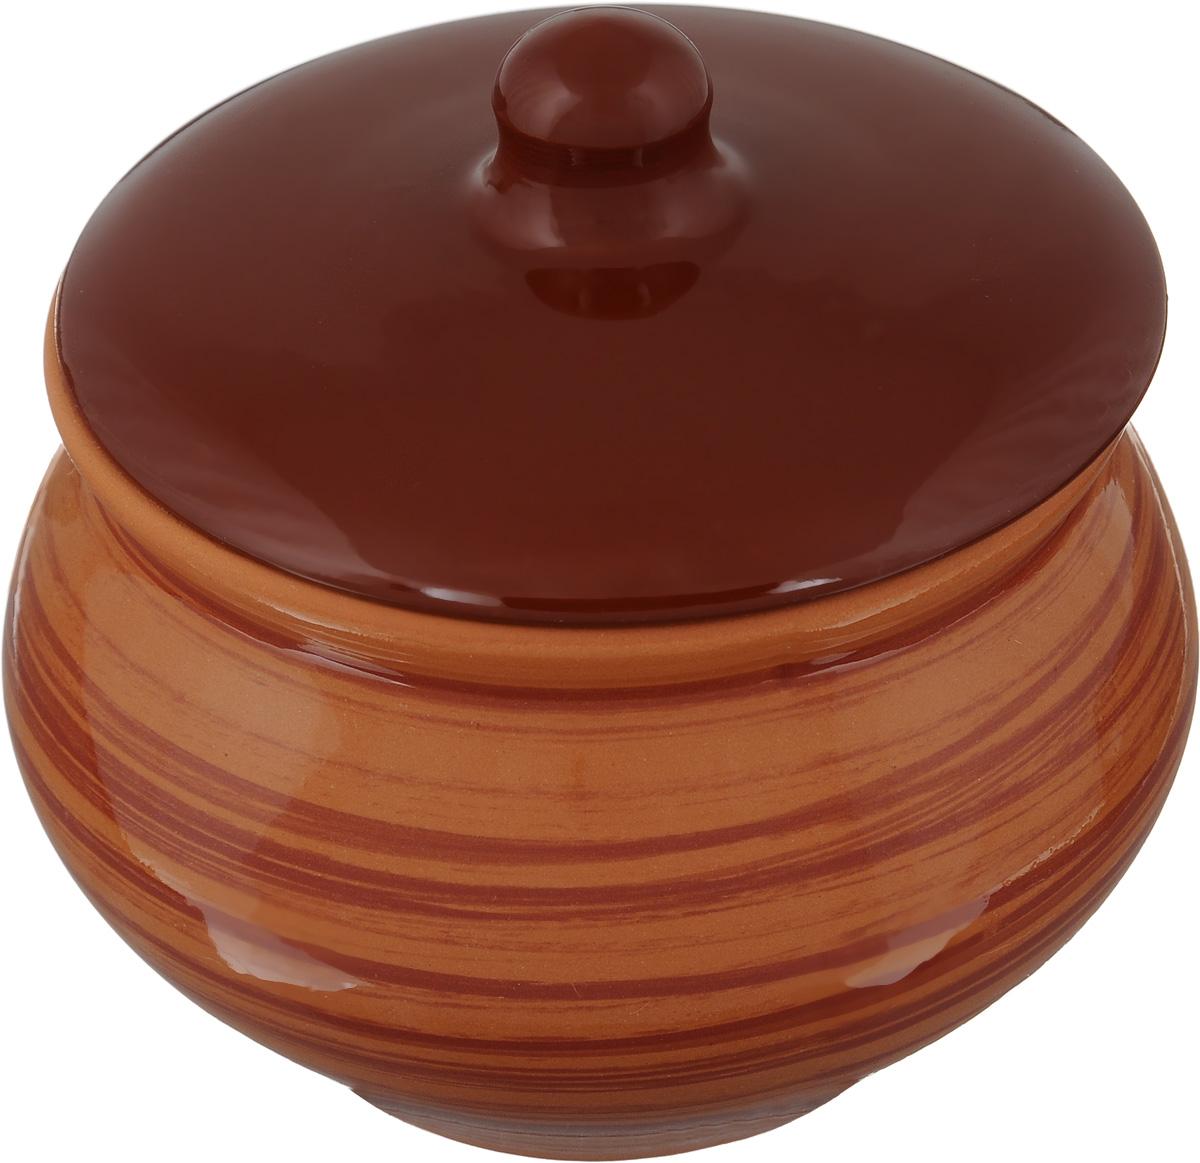 Горшочек для запекания Борисовская керамика Cтандарт, 1,3 л68/5/4Горшочек для запекания Борисовская керамика Cтандарт выполнен из высококачественной керамики. Уникальные свойства керамики и толстые стенки изделия обеспечивают эффект русской печи при приготовлении блюд. Блюда, приготовленные в таком горшочке, получаются нежными исочными. Вы сможете приготовить мясо, сделать томленые овощи и все это без капли масла. Этоодин из самых здоровых способов готовки. Диаметр горшка (по верхнему краю): 15 см.Высота стенок: 12,5 см.